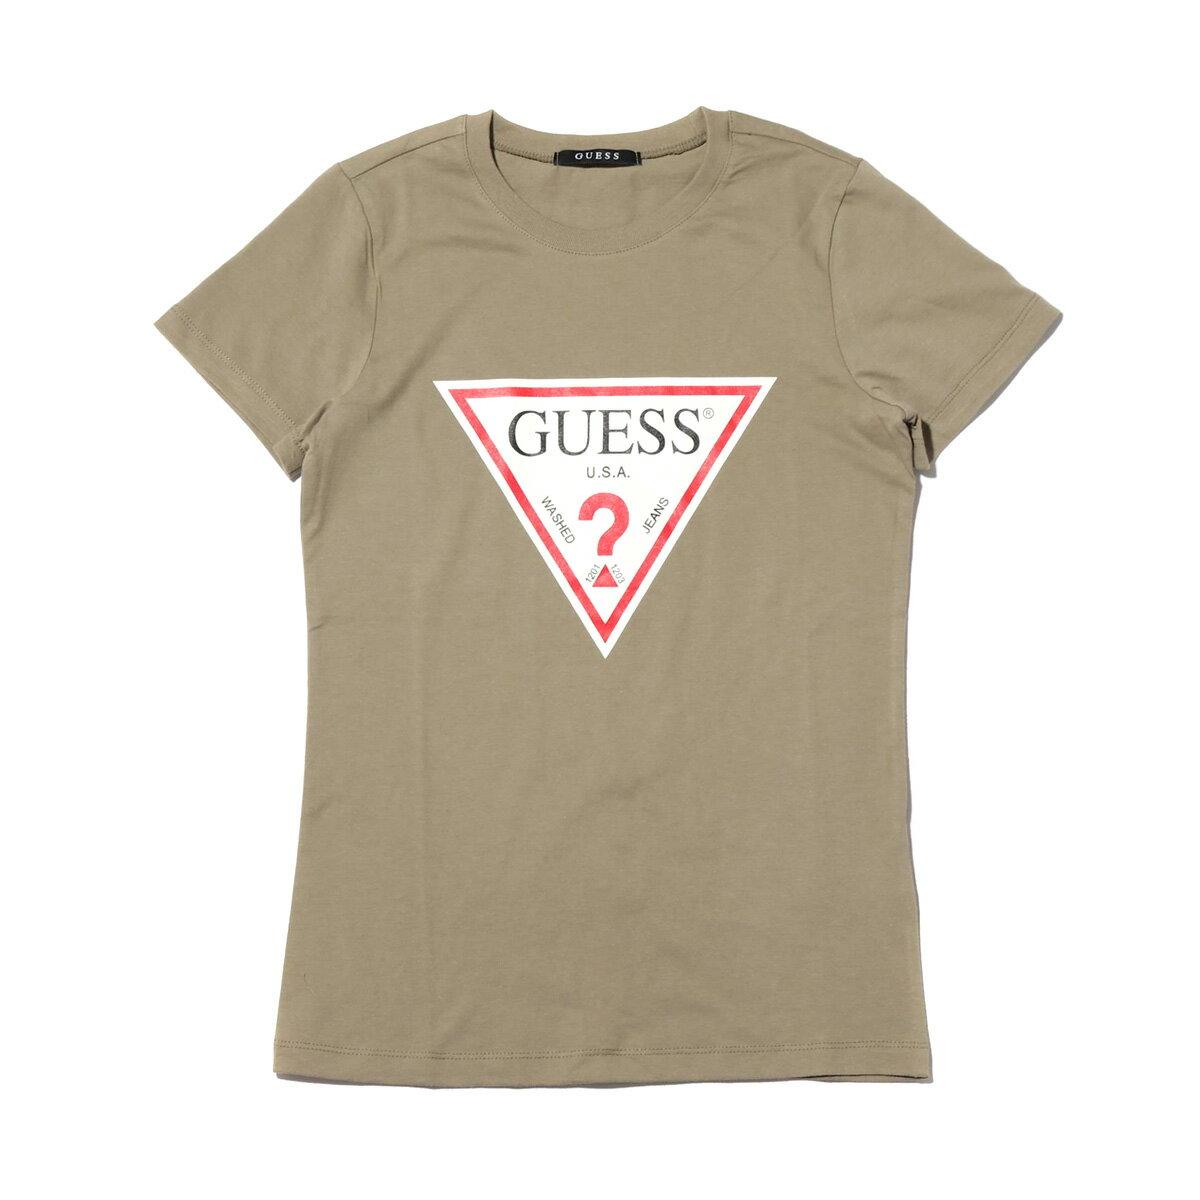 GUESS WMN'S S/SLV LOGO TEE SHIRT (ゲス ウィメンズ ショートスリーブ ロゴ Tシャツ) KHAKI【レディース Tシャツ】18SS-I